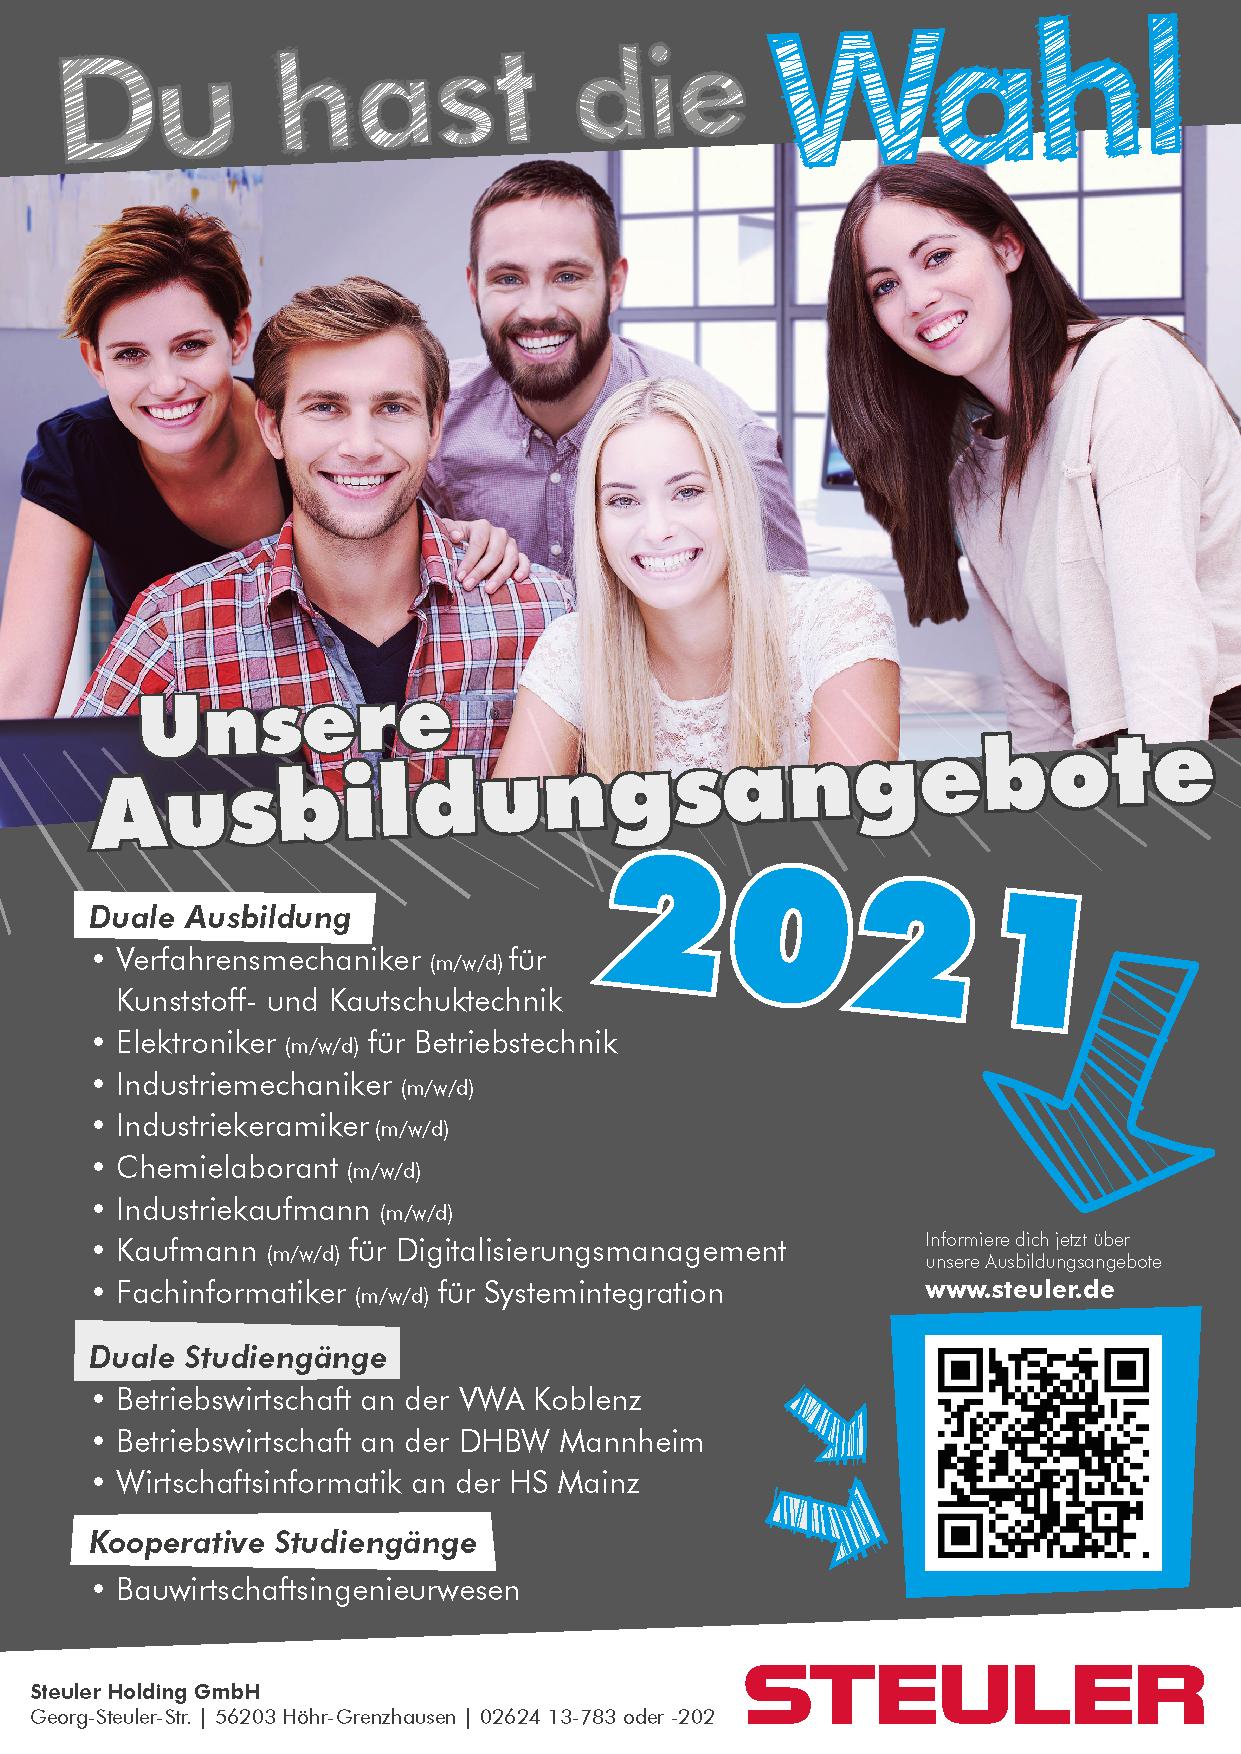 Ausbildungsangebote 2021 der Steuler-Gruppe im Westerwald